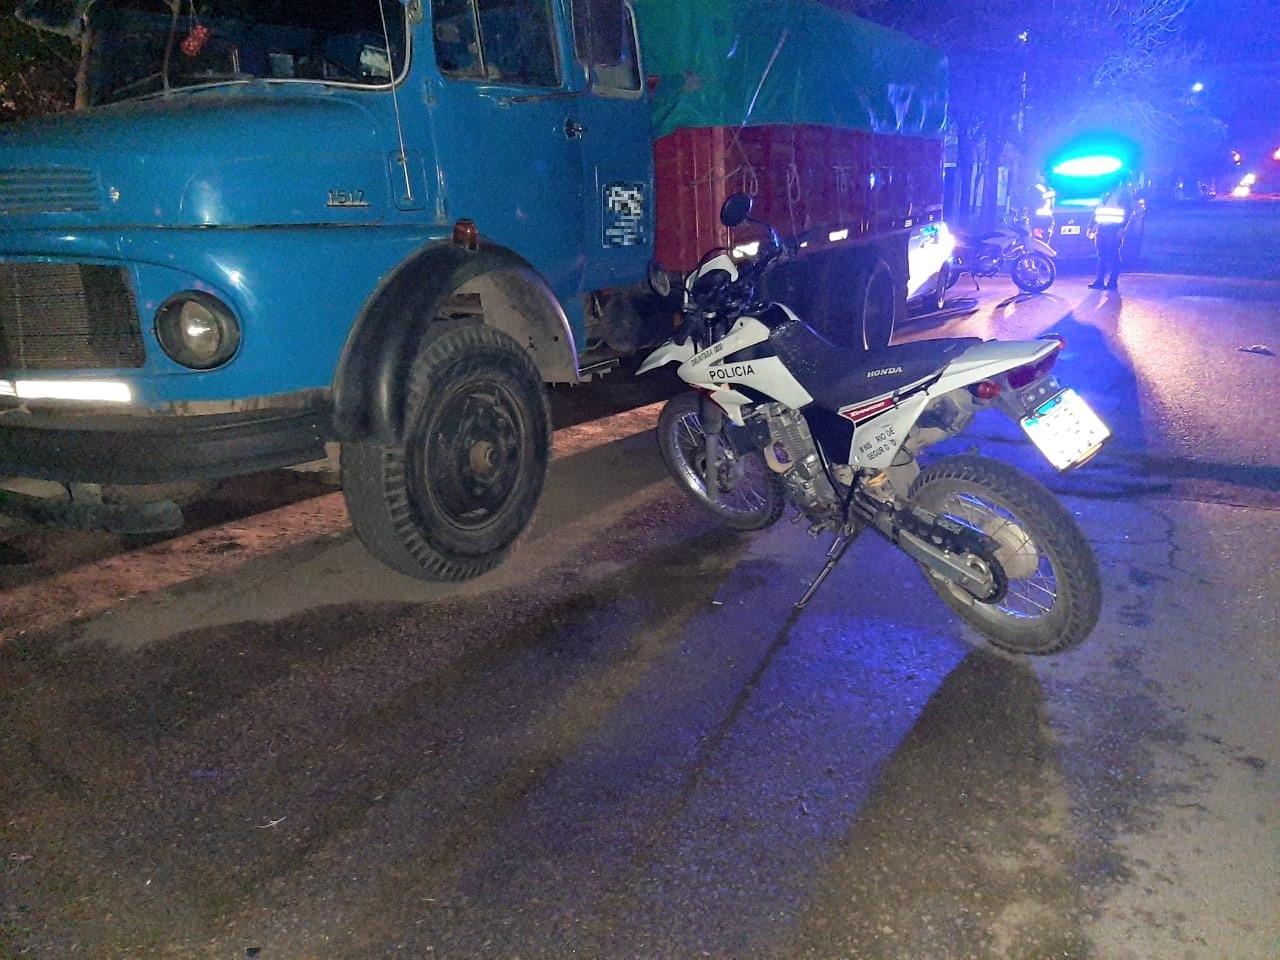 Se topó con un auto que ingresaba a un garage, perdió el control de la moto y terminó hospitalizado